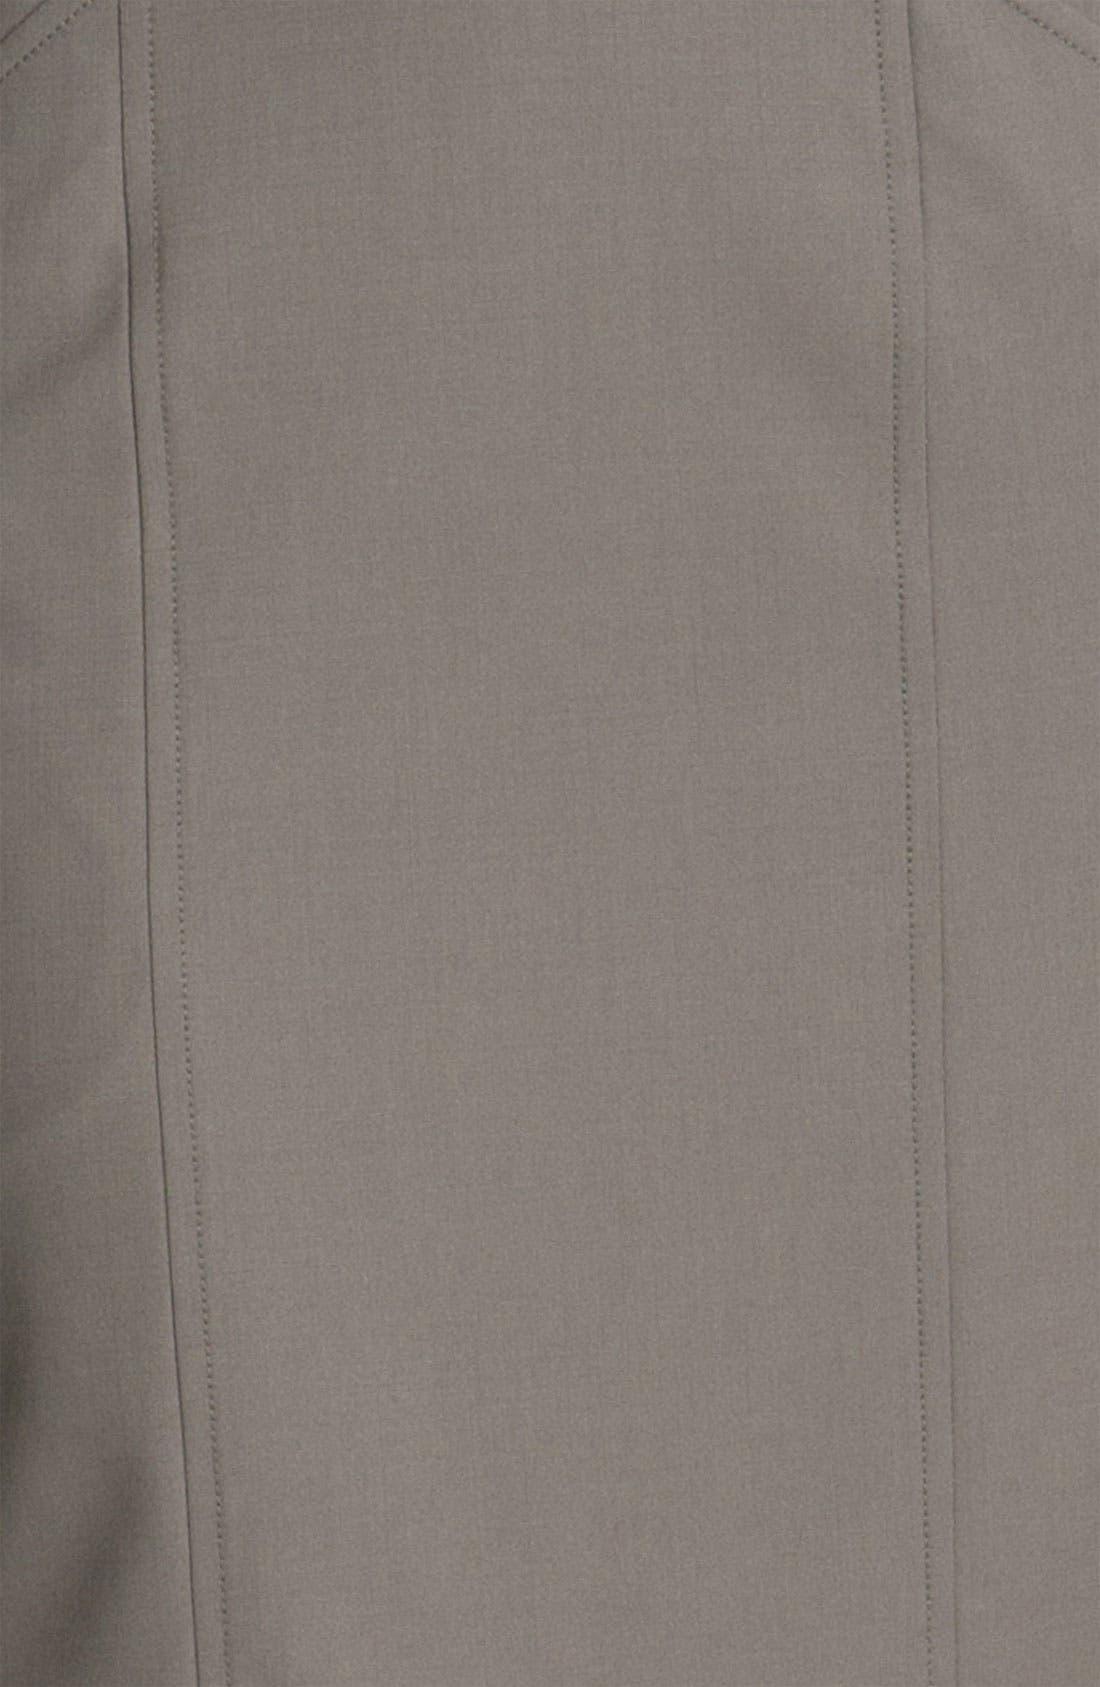 Alternate Image 3  - Theory 'Nuria - Tailor' Pencil Skirt